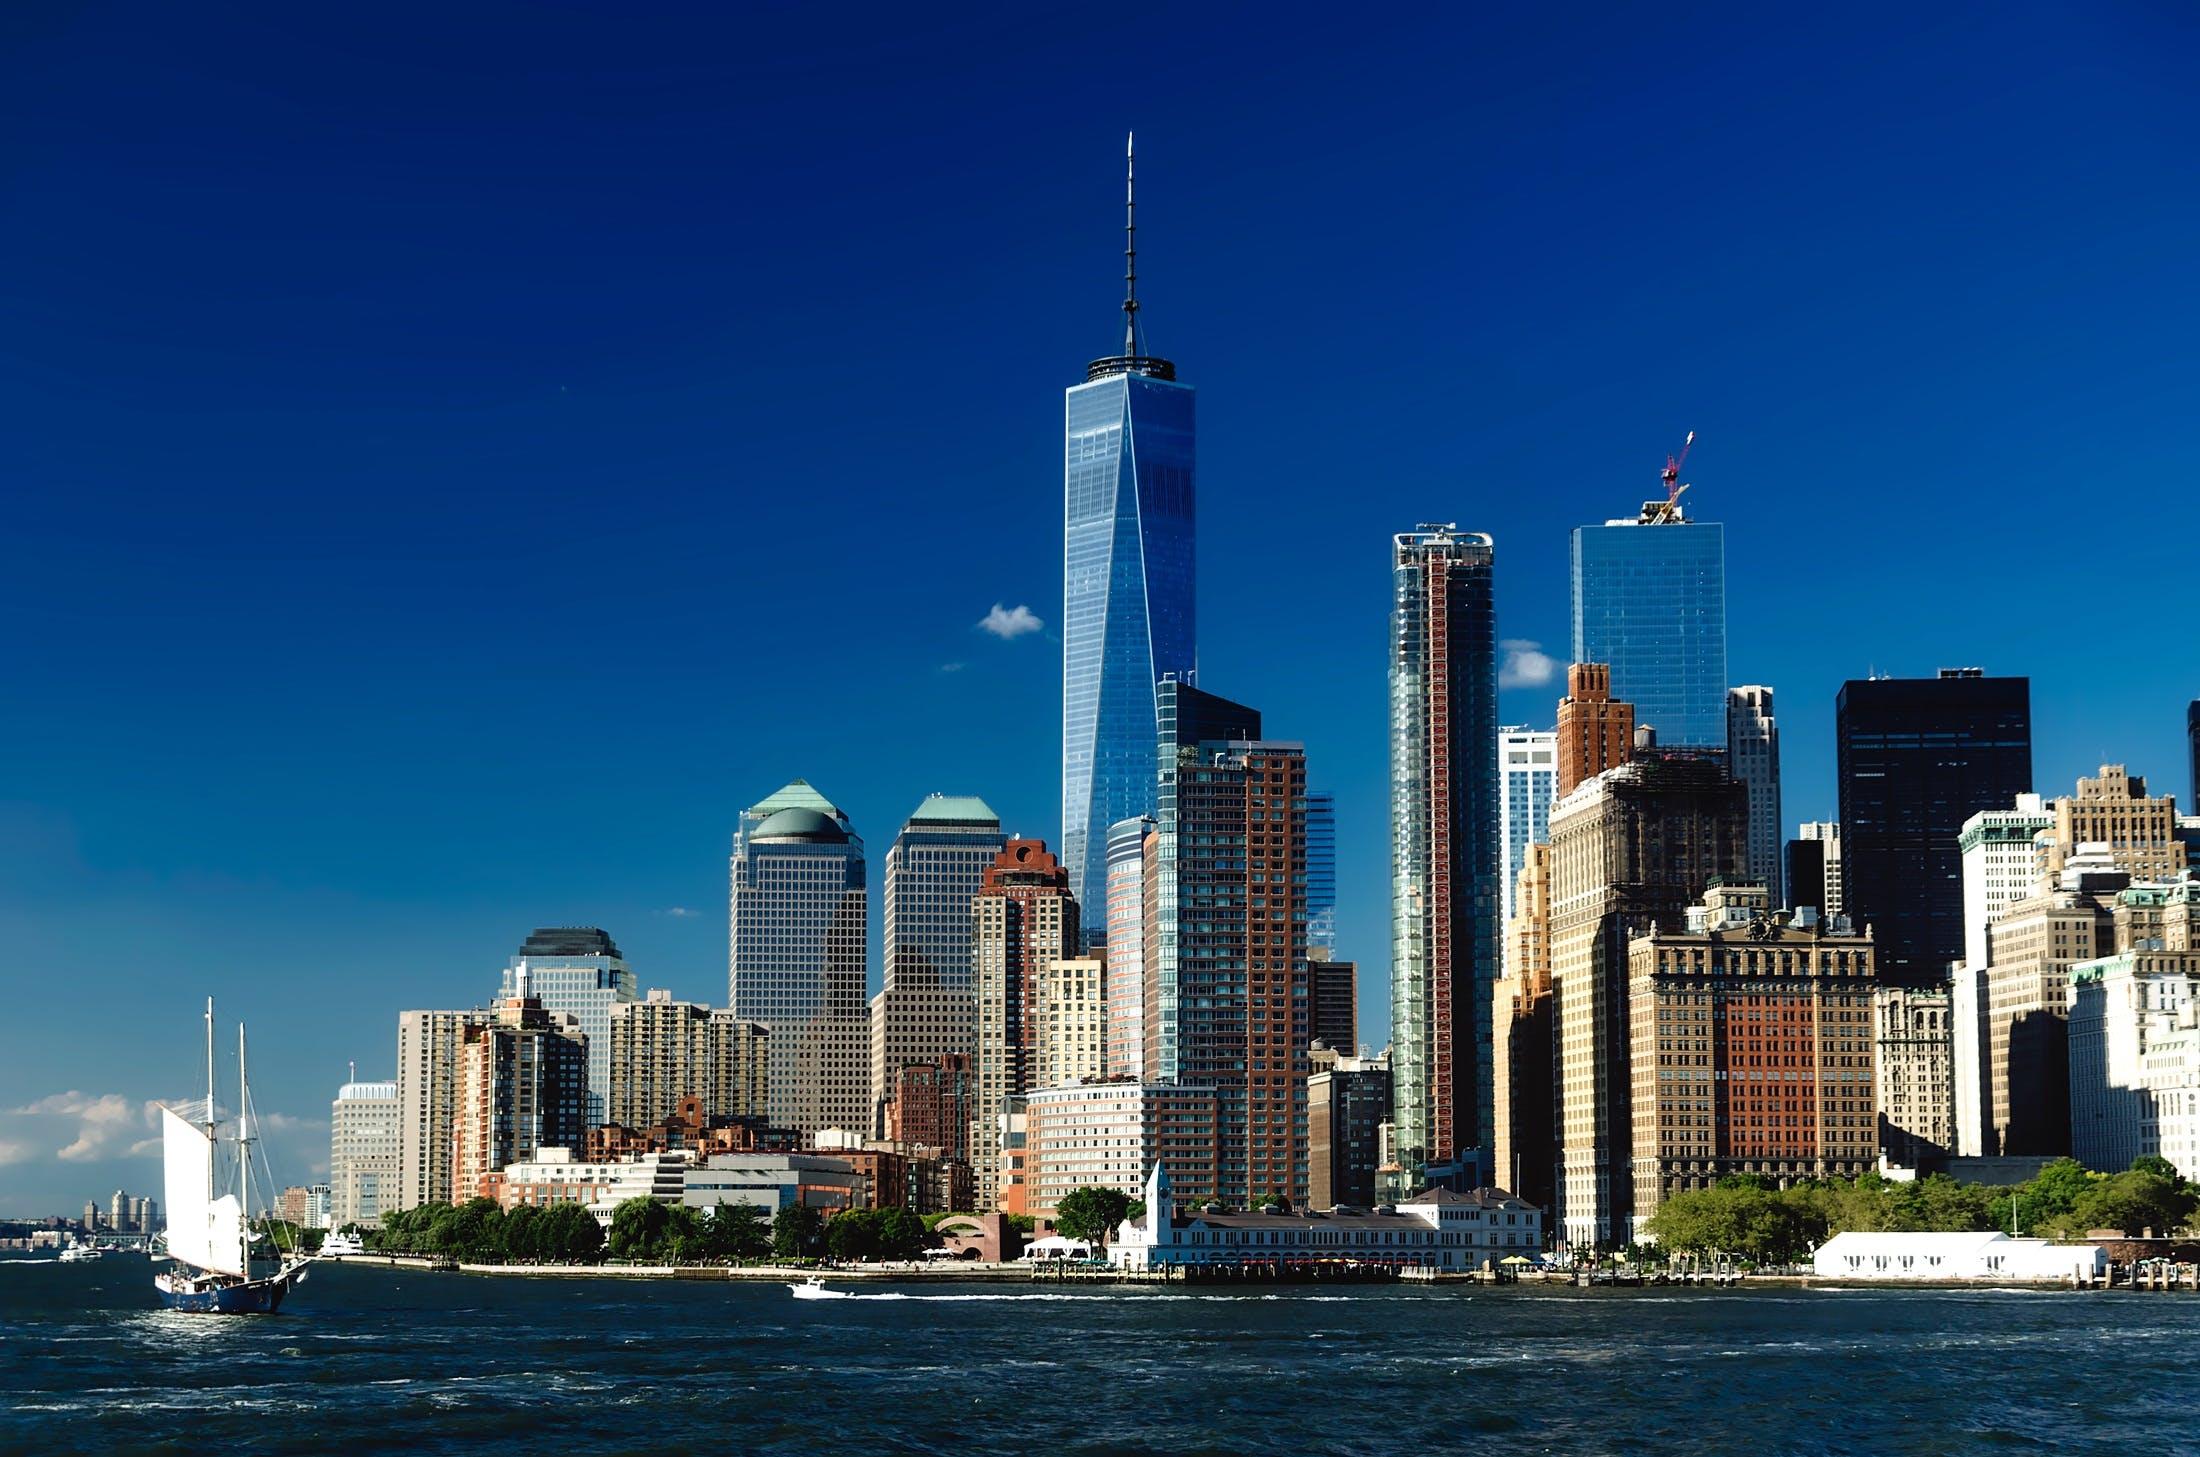 Kostnadsfri bild av arkitektur, båt, blå himmel, byggnad